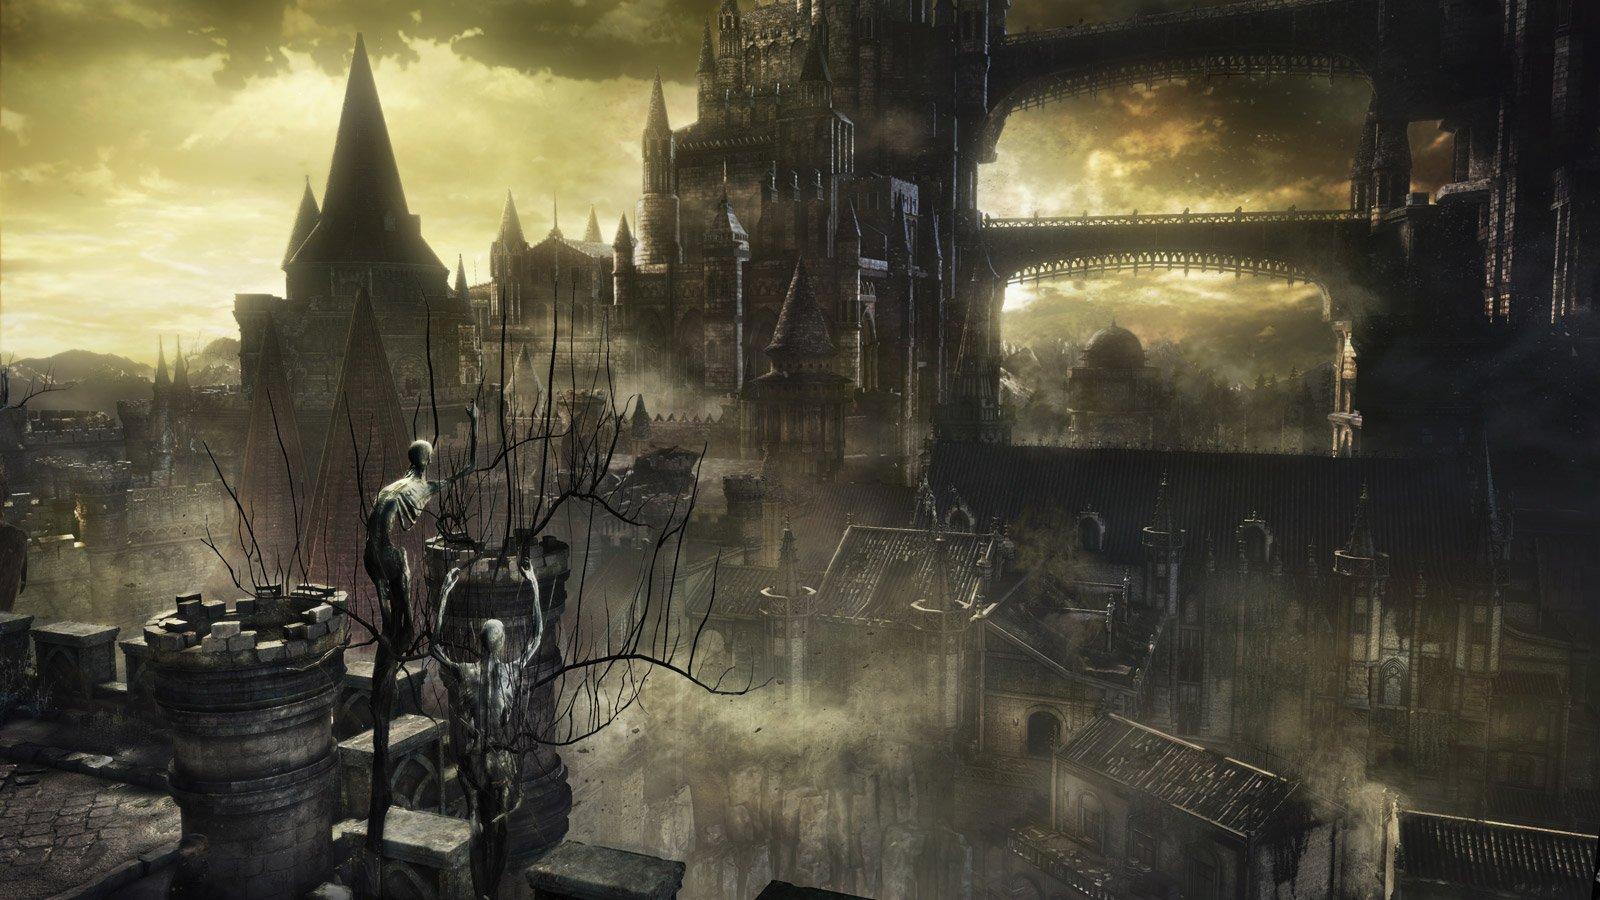 dark souls 3 beta stress test review preview превью ревью обзор дата выхода скачать